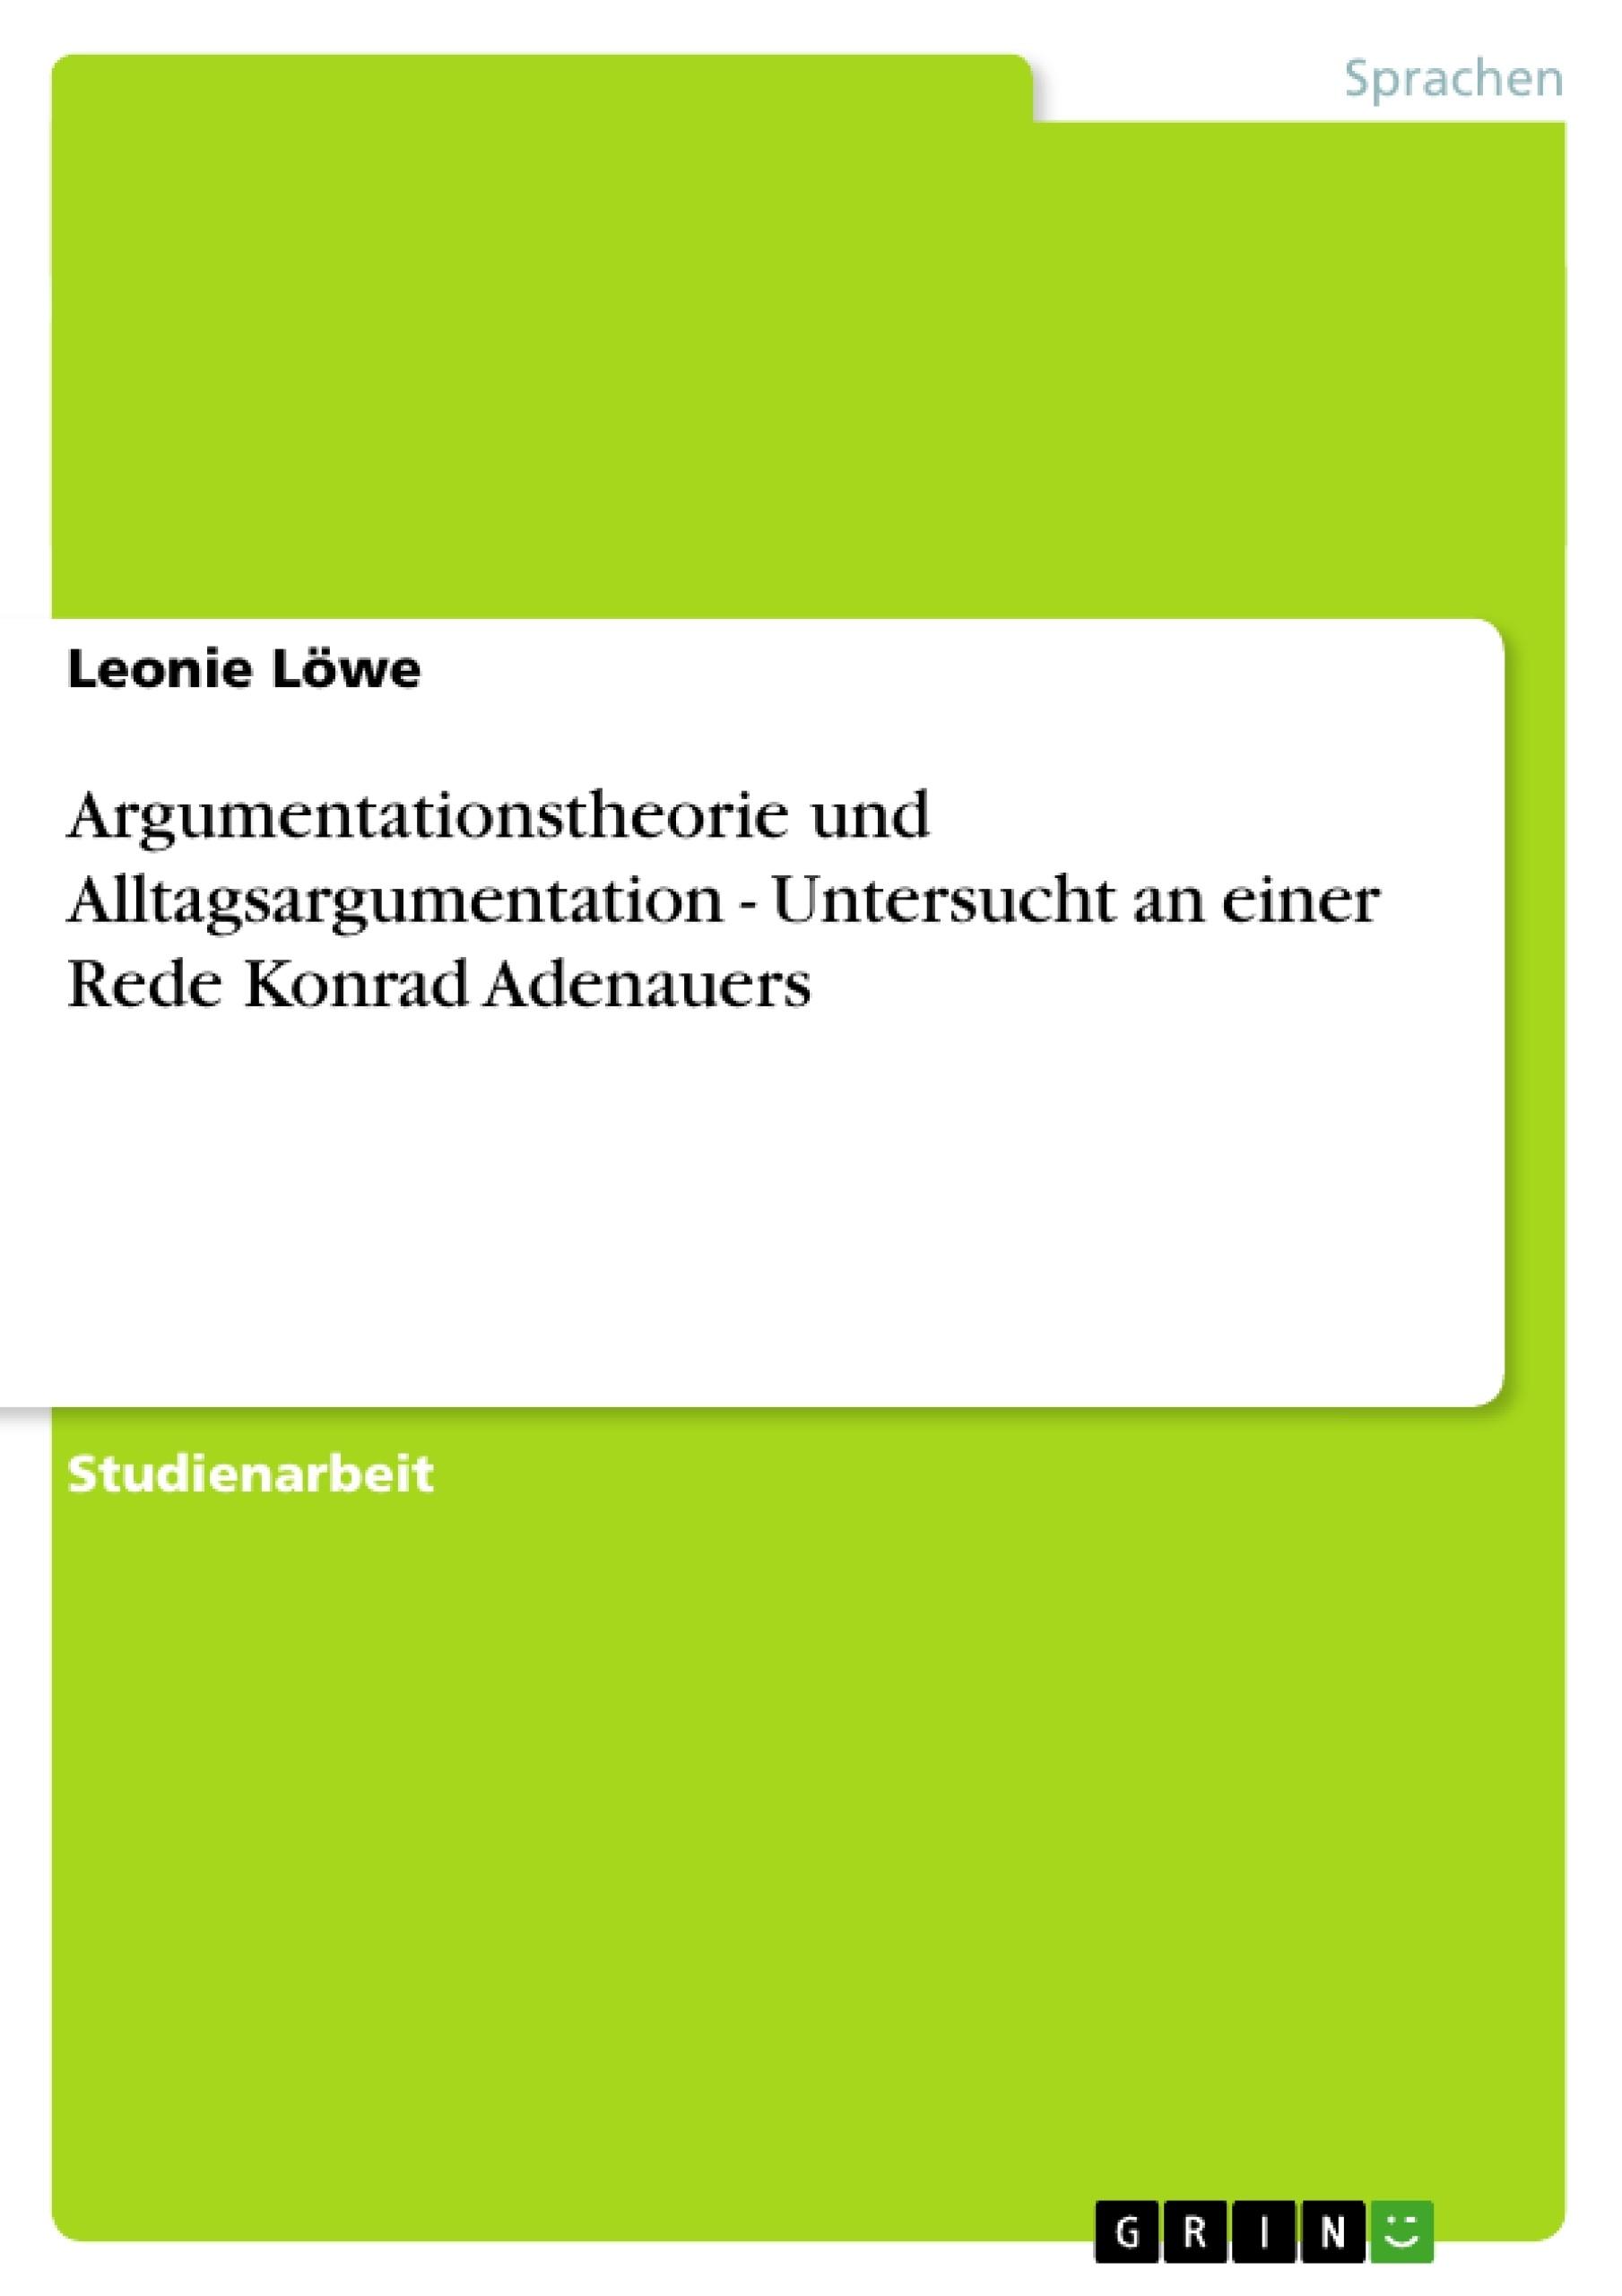 Titel: Argumentationstheorie und Alltagsargumentation - Untersucht an einer Rede Konrad Adenauers